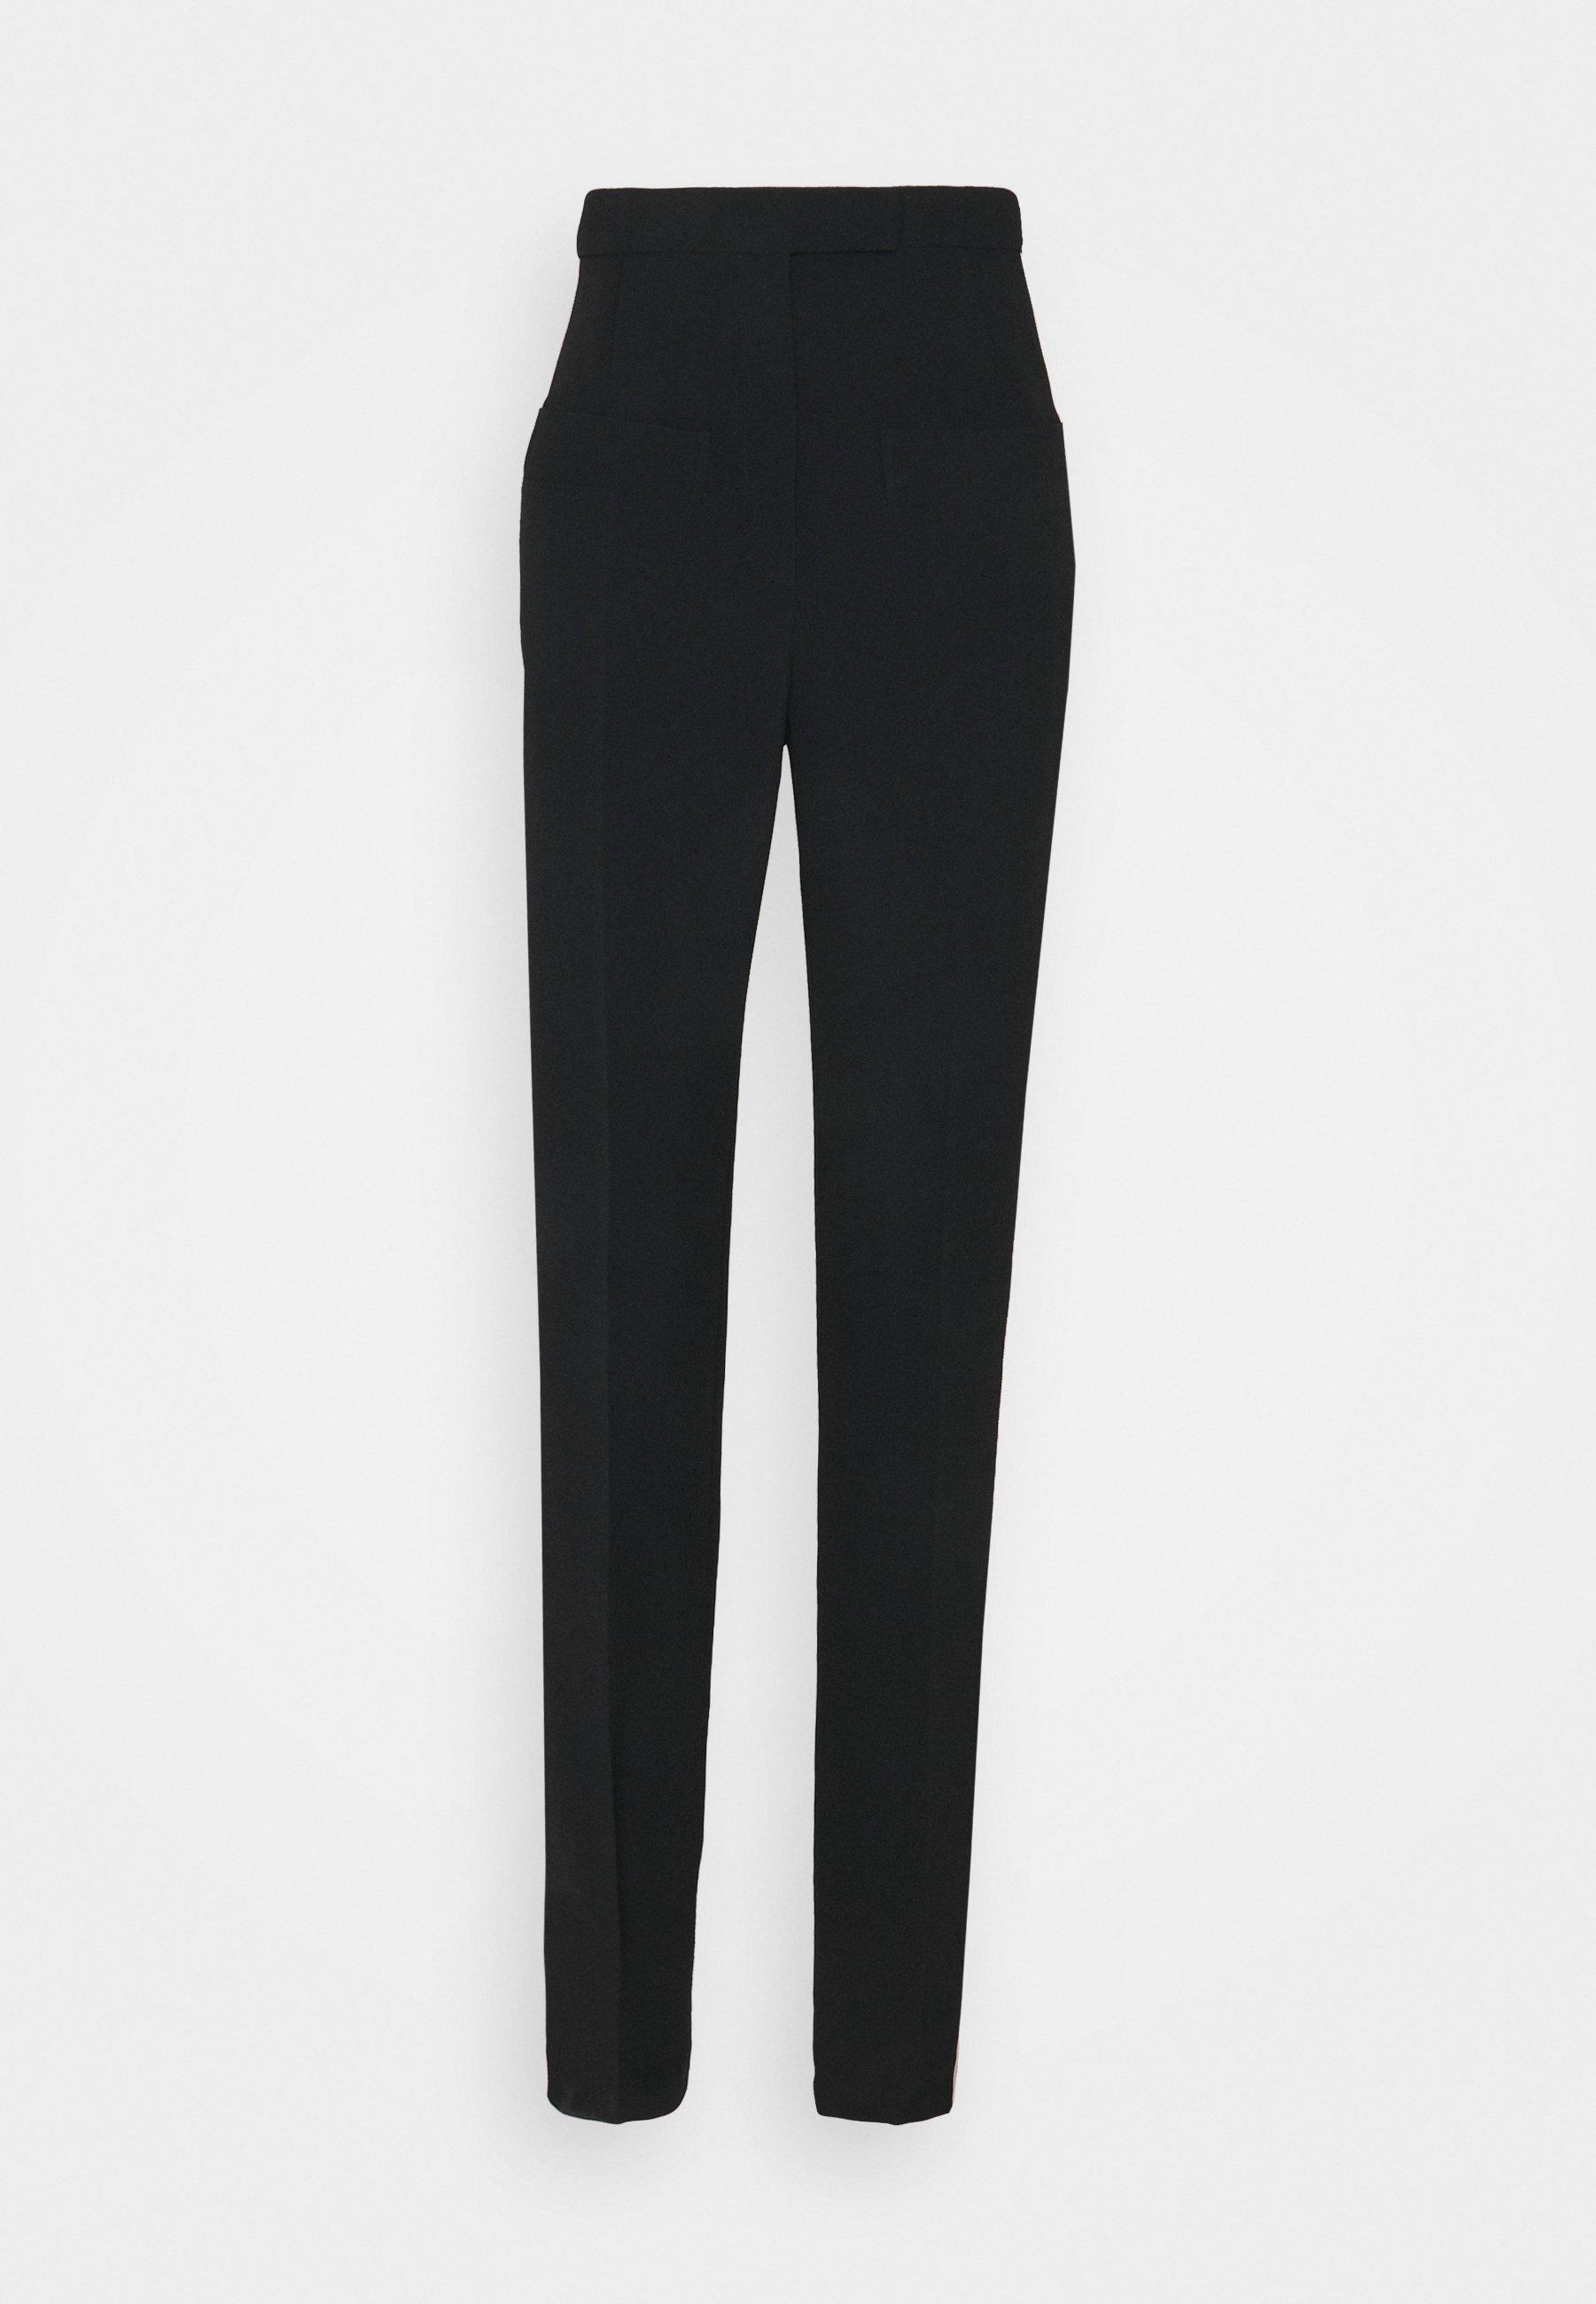 Femme SIDE STRIPE TROUSER - Pantalon classique